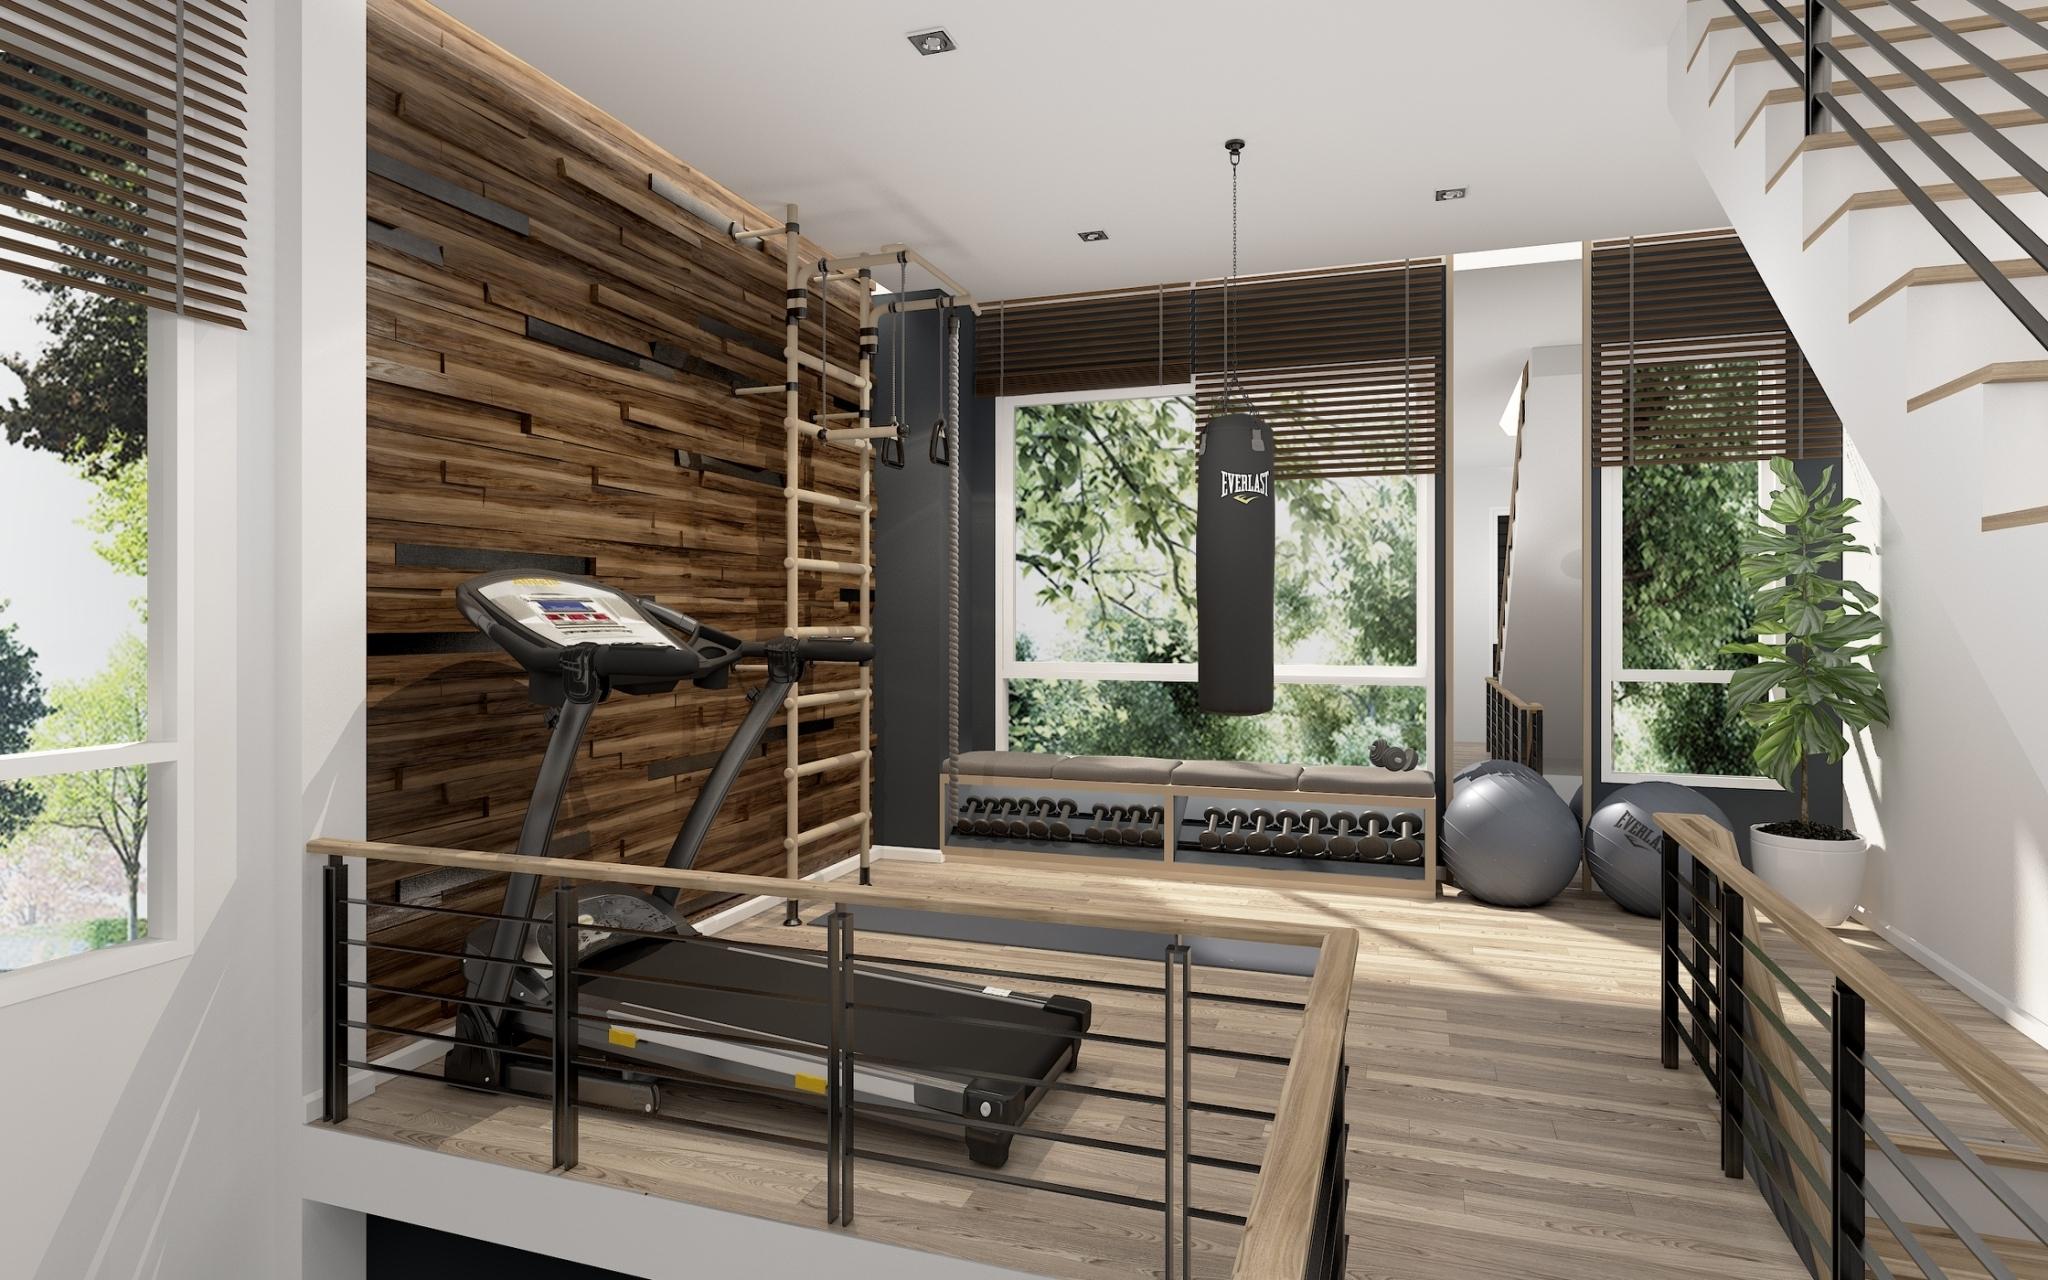 Bonanzabuilt-Portfolio-interior3-1